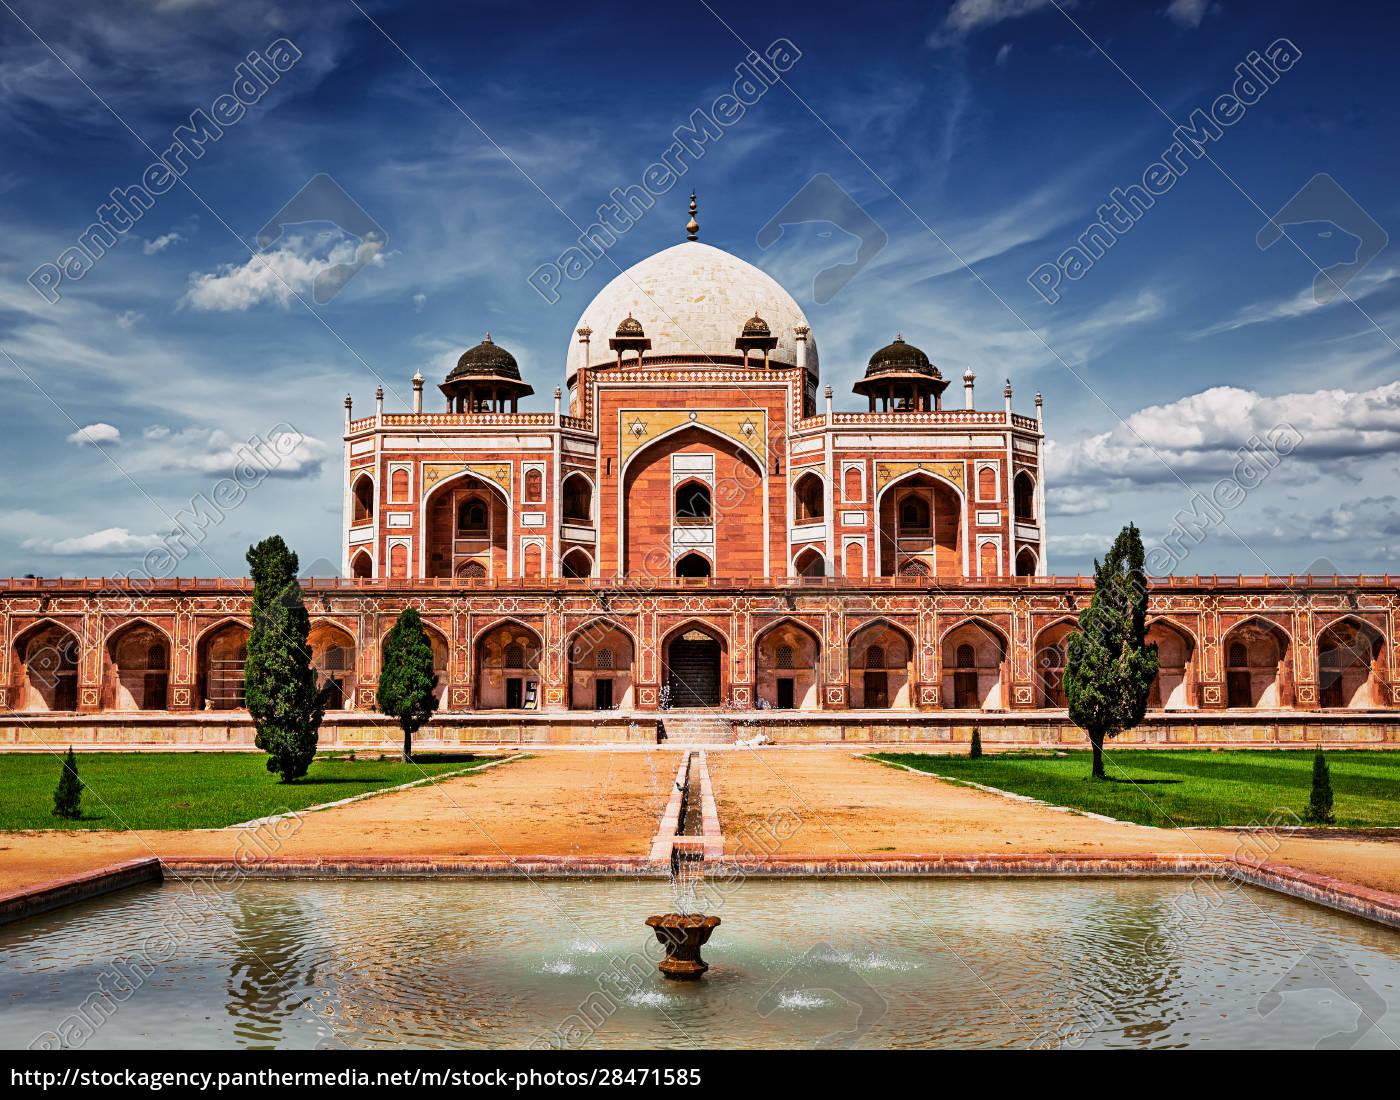 humayun's, tomb., delhi, , india - 28471585